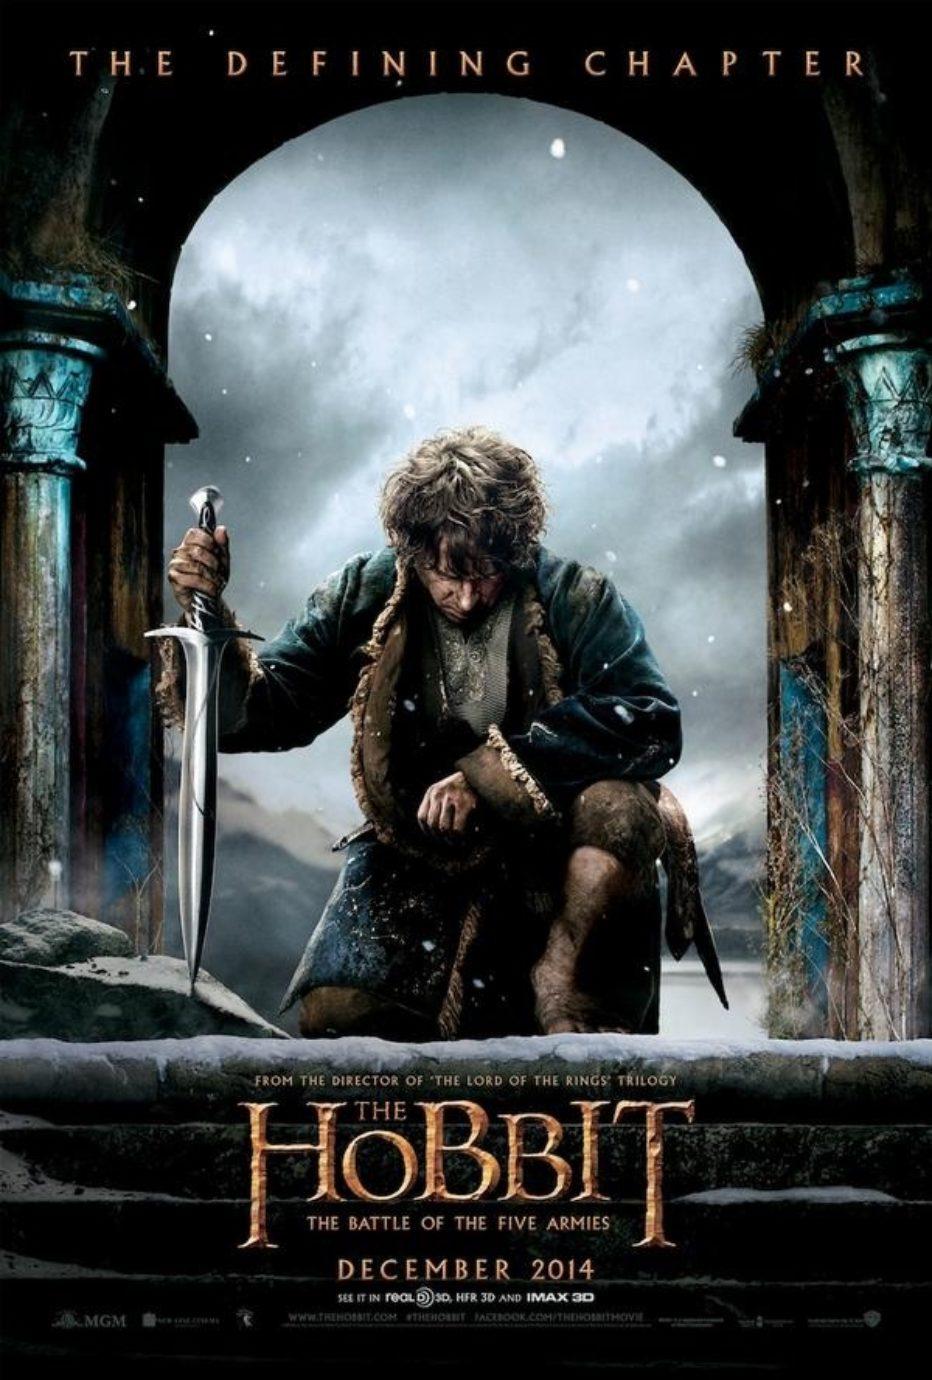 Primer trailer de El Hobbit la batalla de los cinco ejércitos